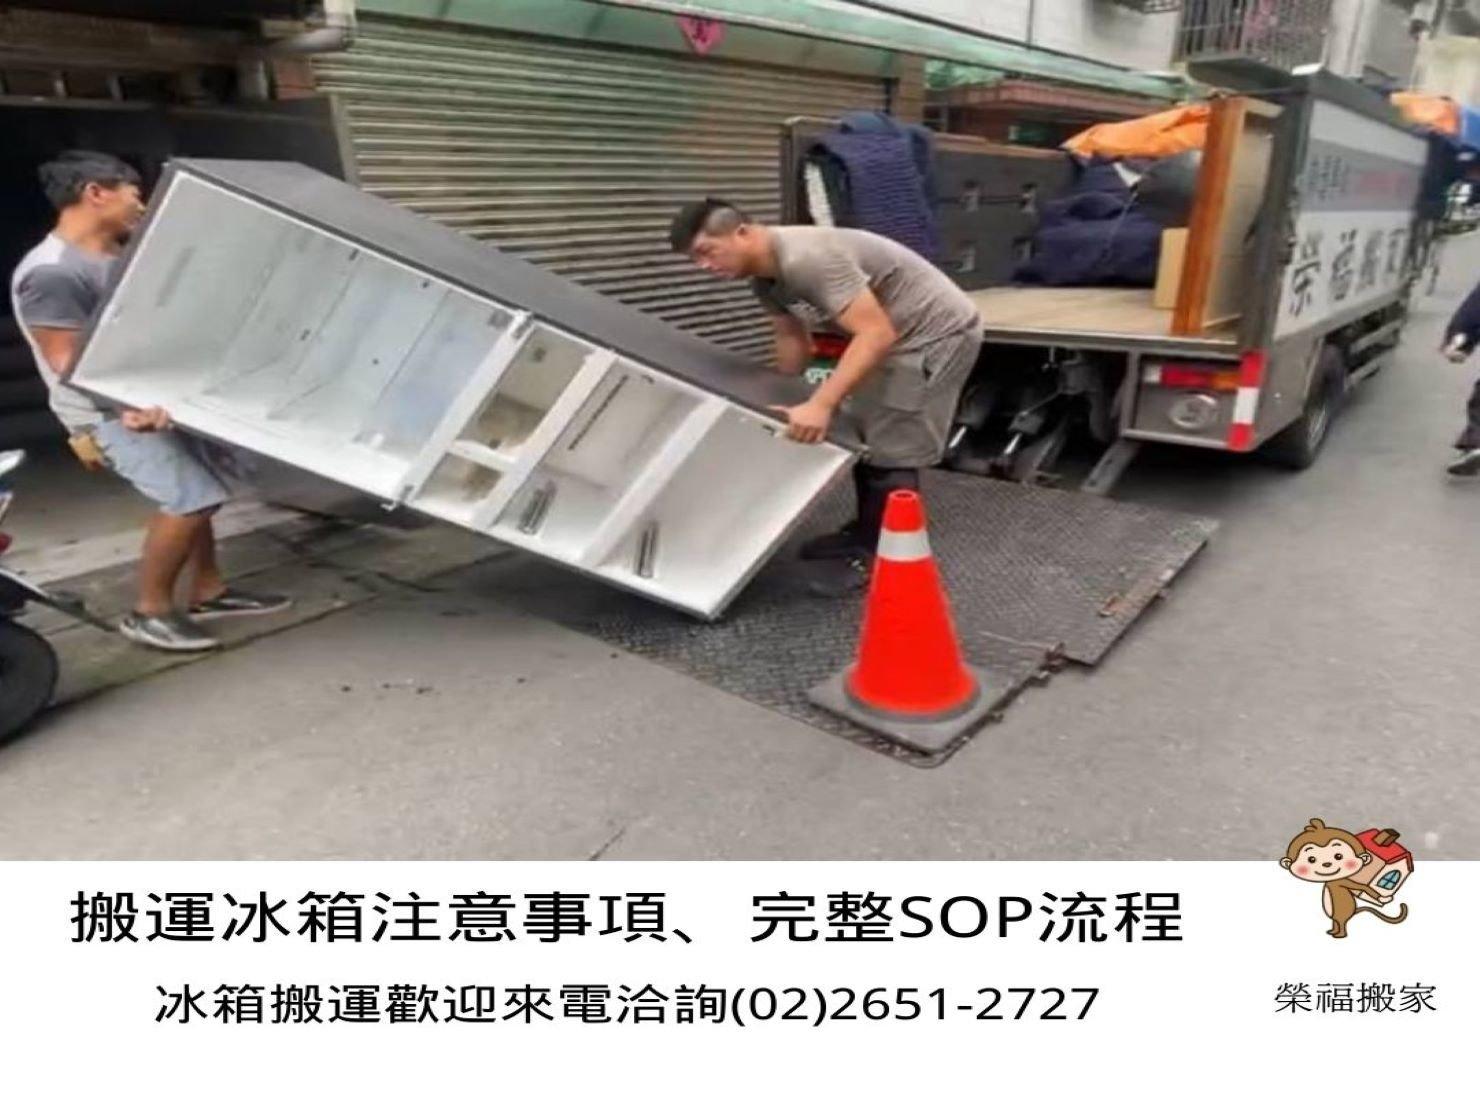 【搬家公司經驗談】搬運冰箱的注意事項及技巧大公開